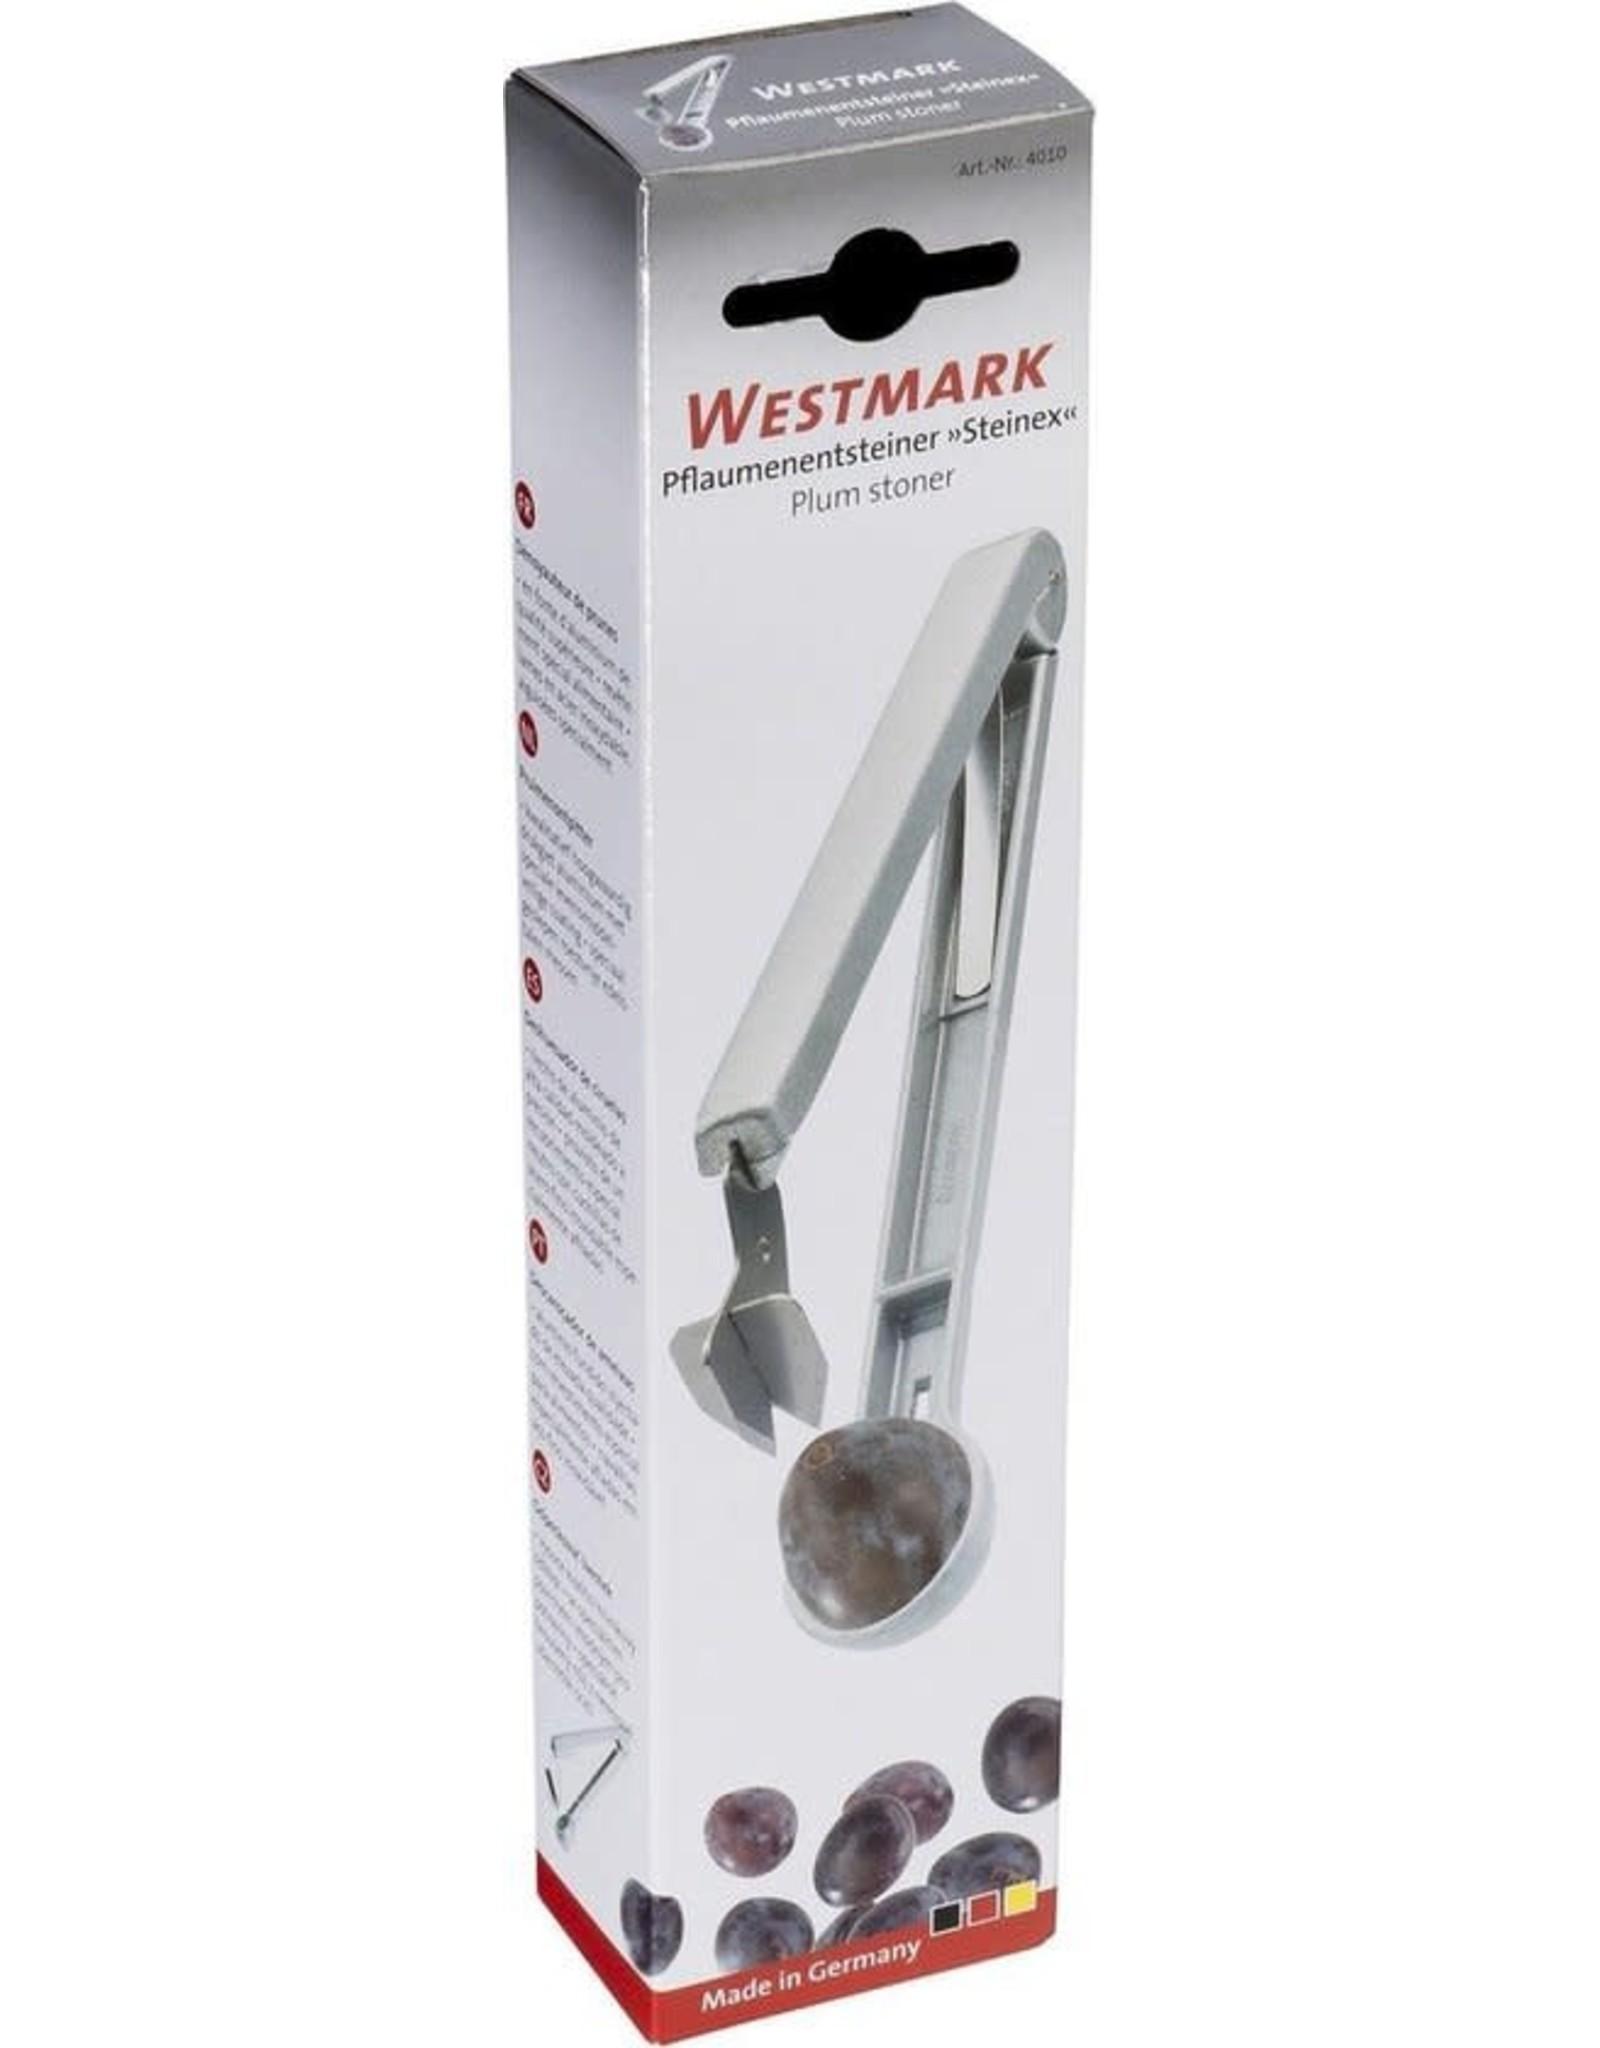 westmark Westmark Steinex Pruimenontpitter